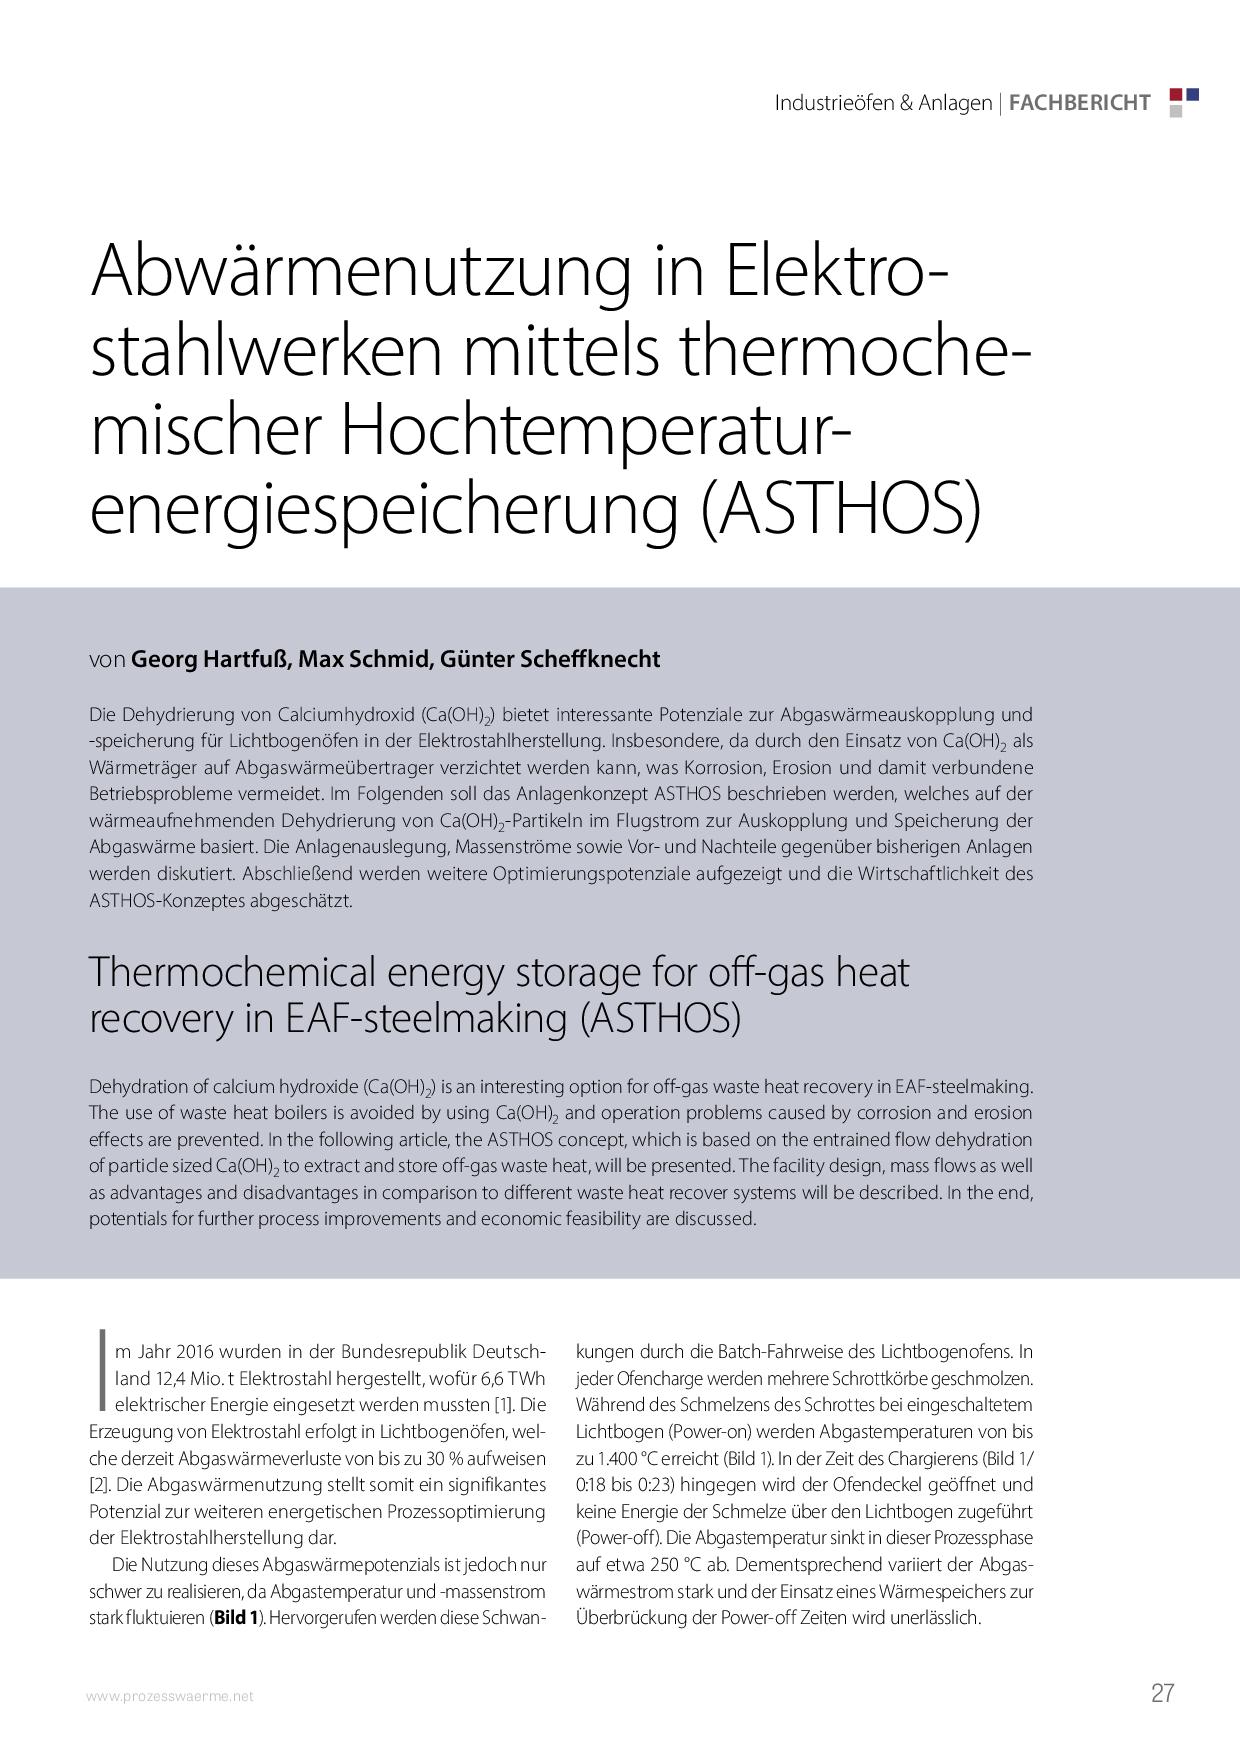 Abwärmenutzung in Elektrostahlwerken mittels thermochemischer Hochtemperaturenergiespeicherung (ASTHOS)